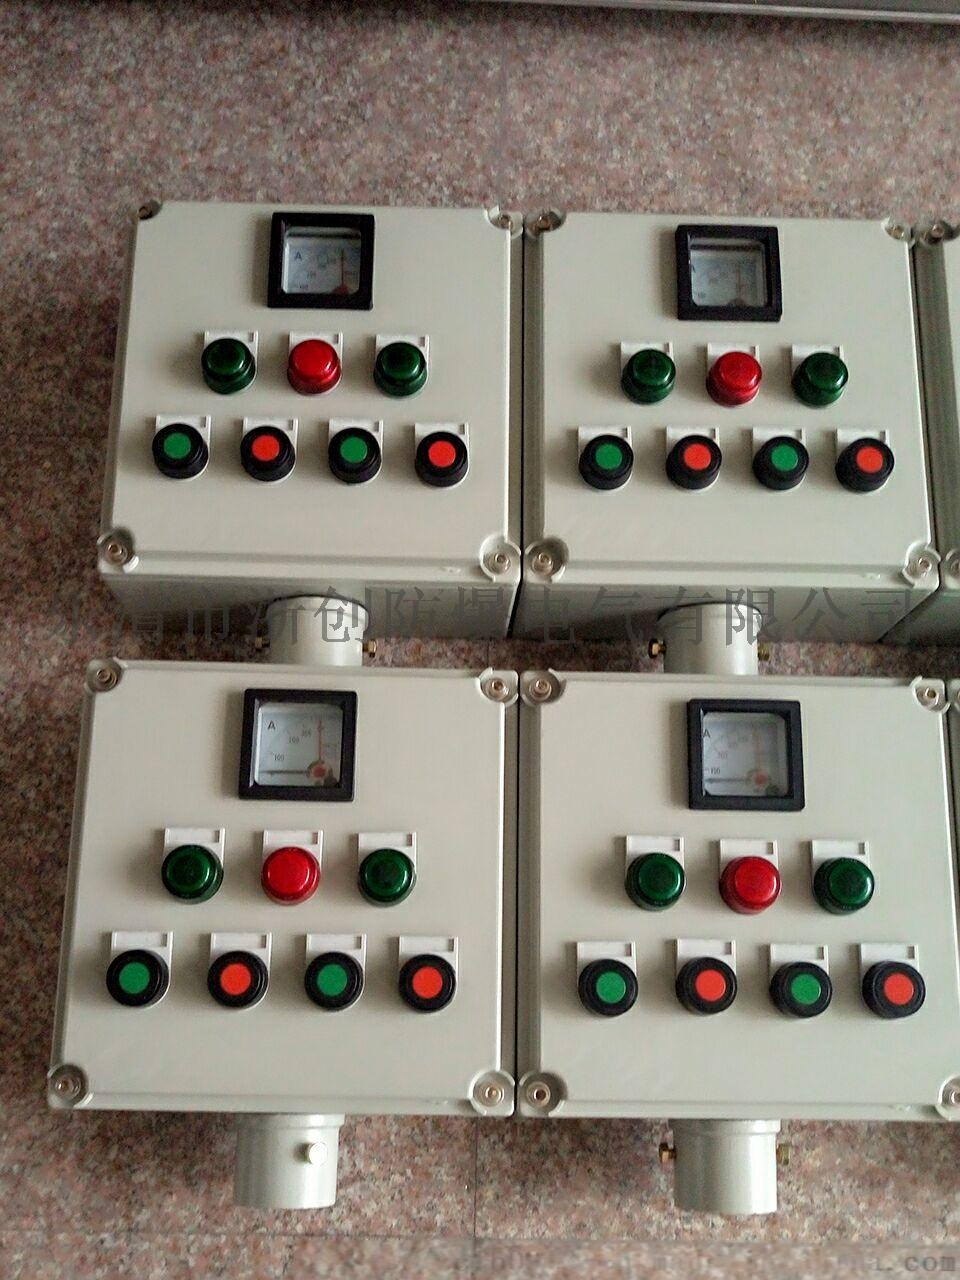 D258E19A32C3D70D7F337839D2C2C3D3.jpg